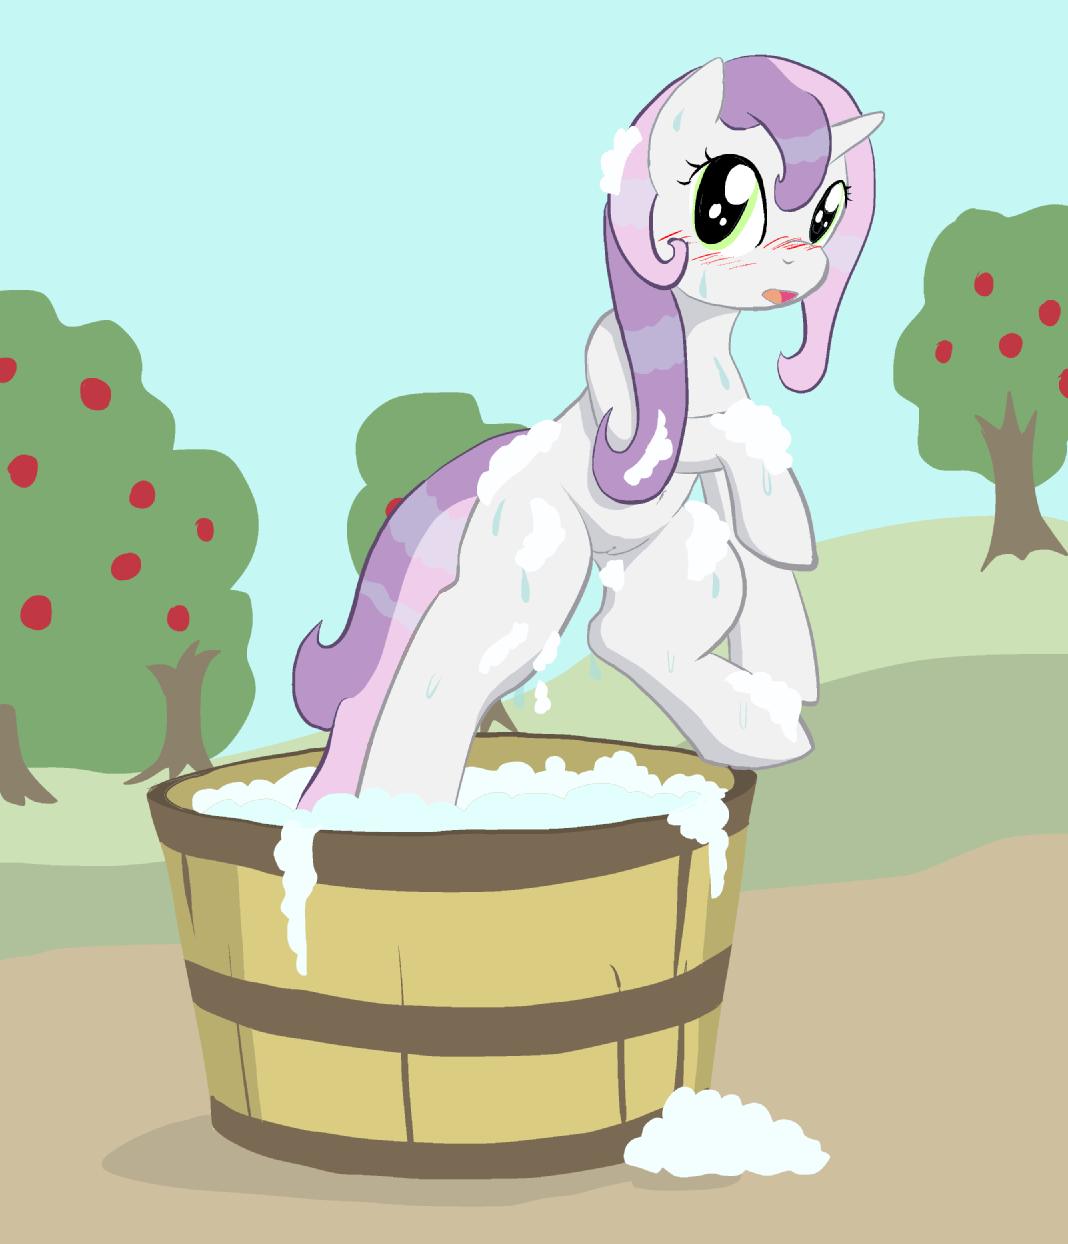 little sweetie belle my pony Pixie-bob my hero